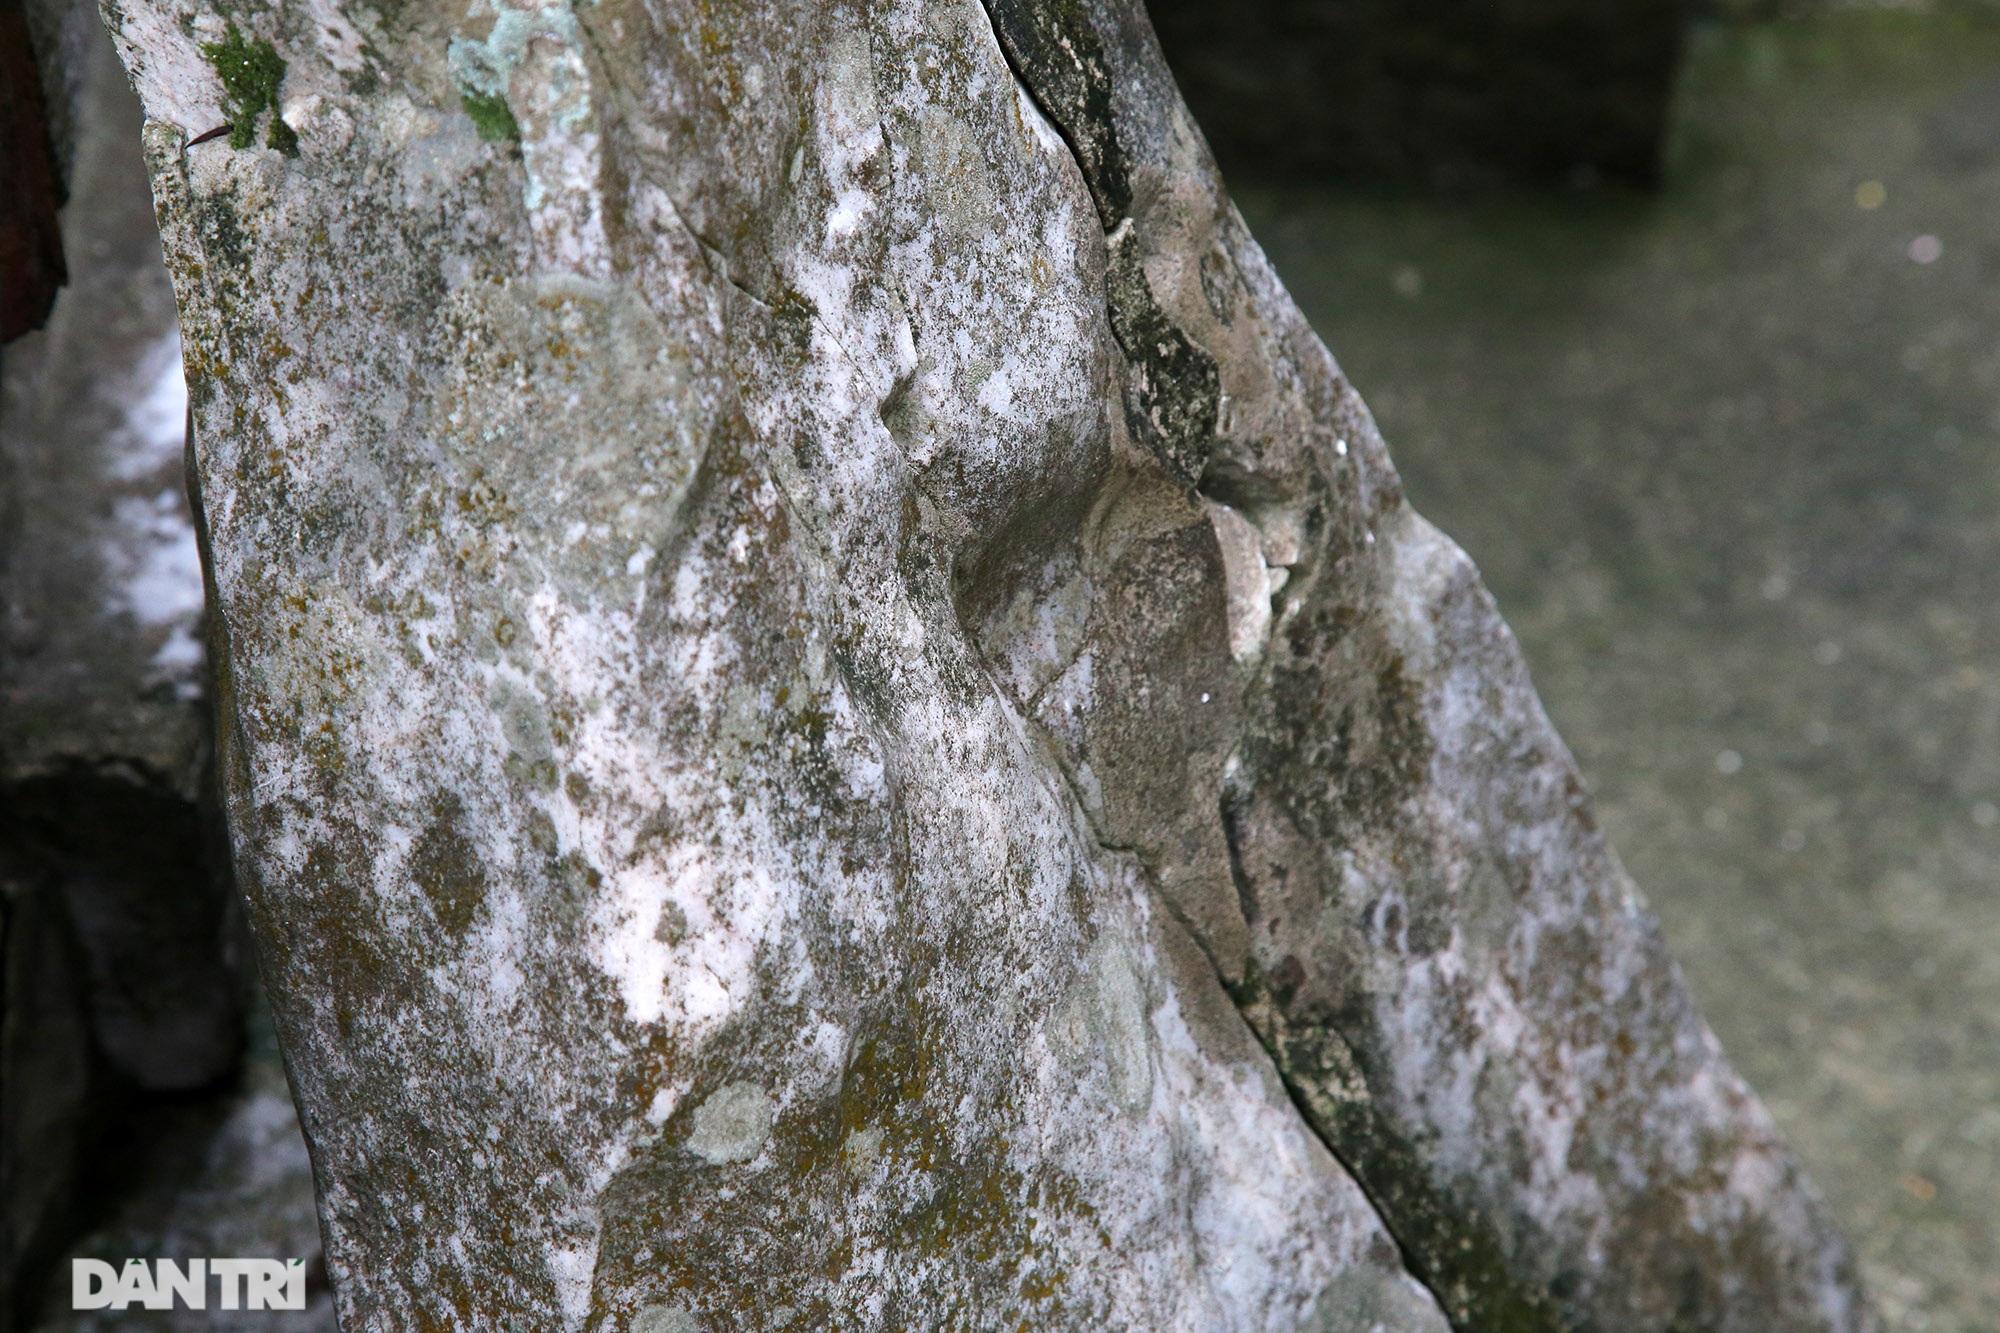 Huyền tích nghìn đời qua những ngôi quán cổ ở Hà Nội - 11